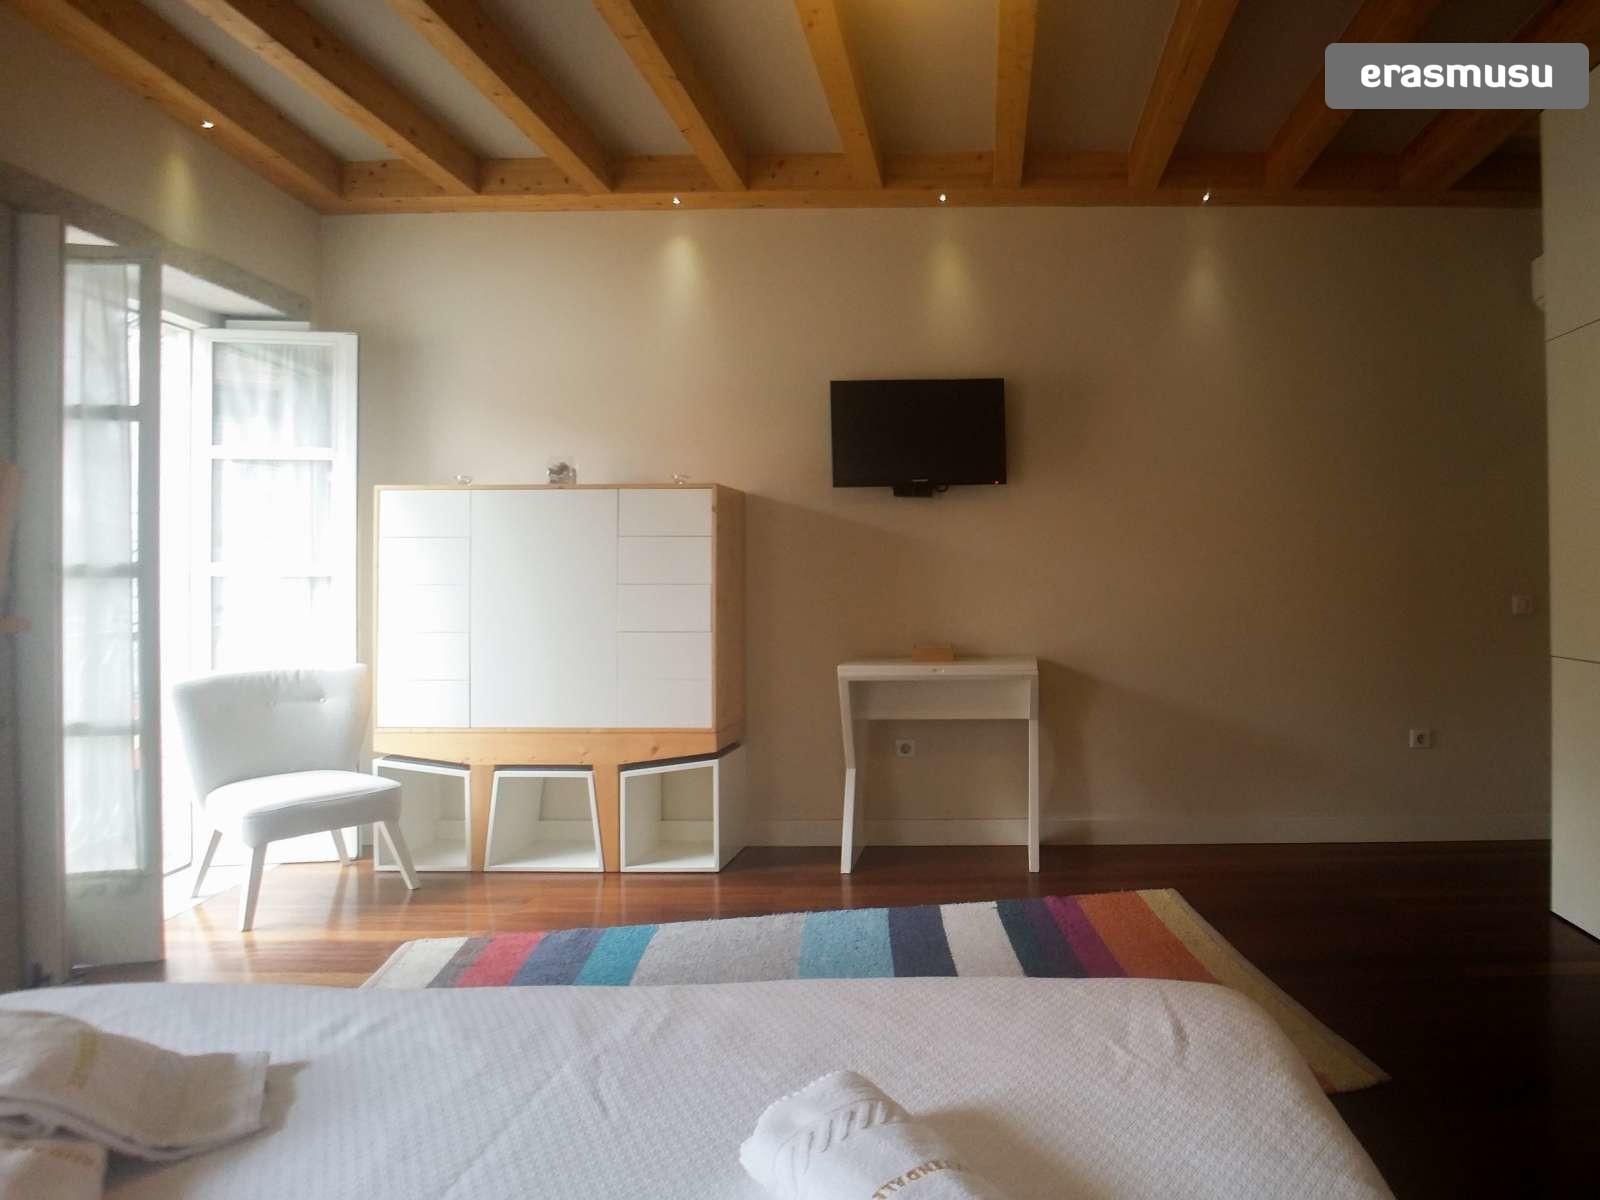 furnished-studio-apartment-rent-sao-nicolau-e0777784de898d82862e